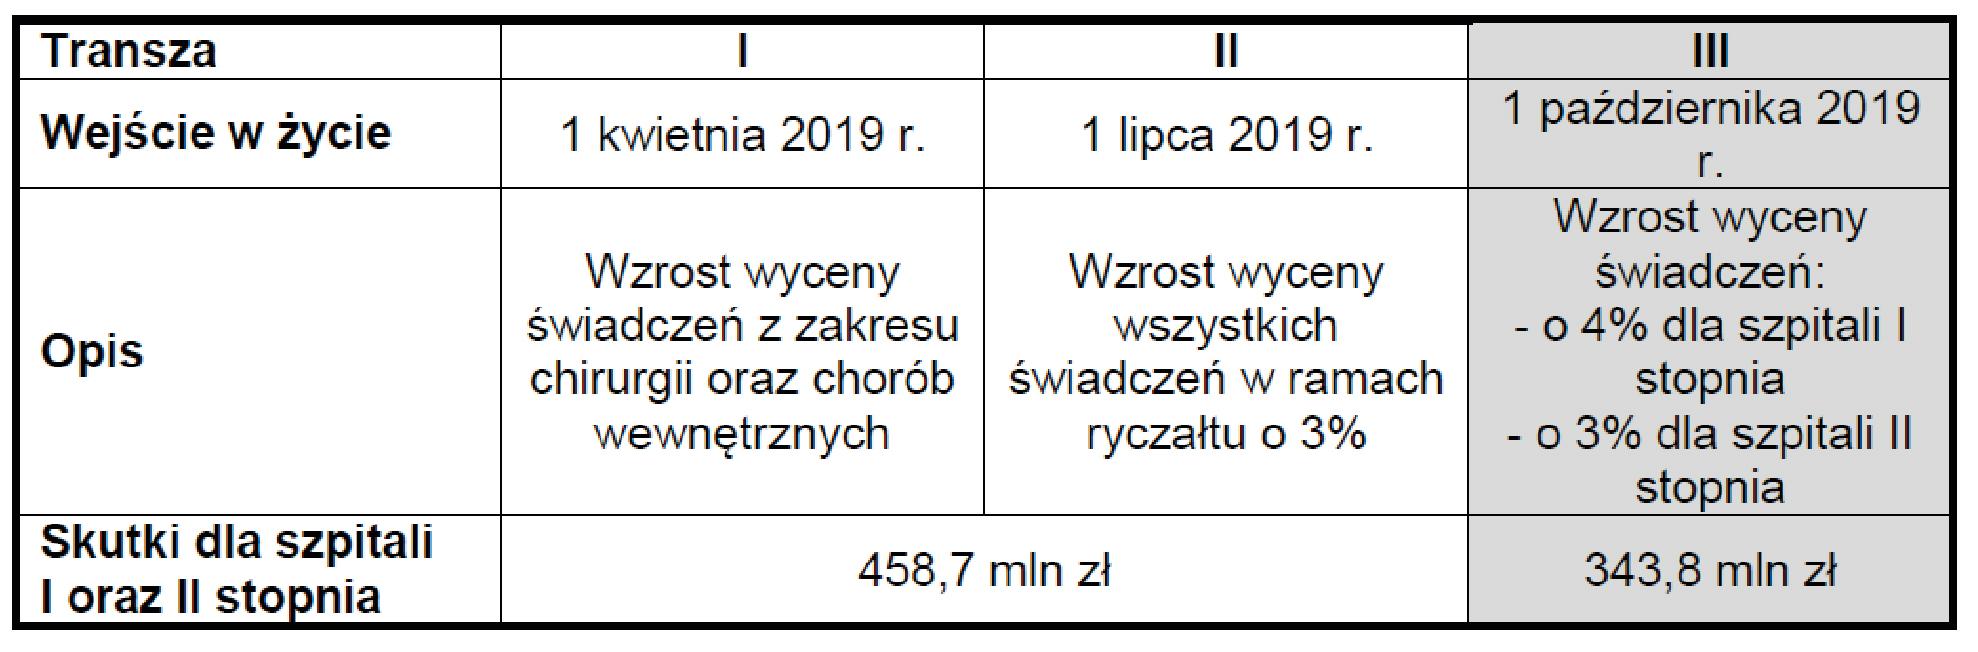 tabela transz